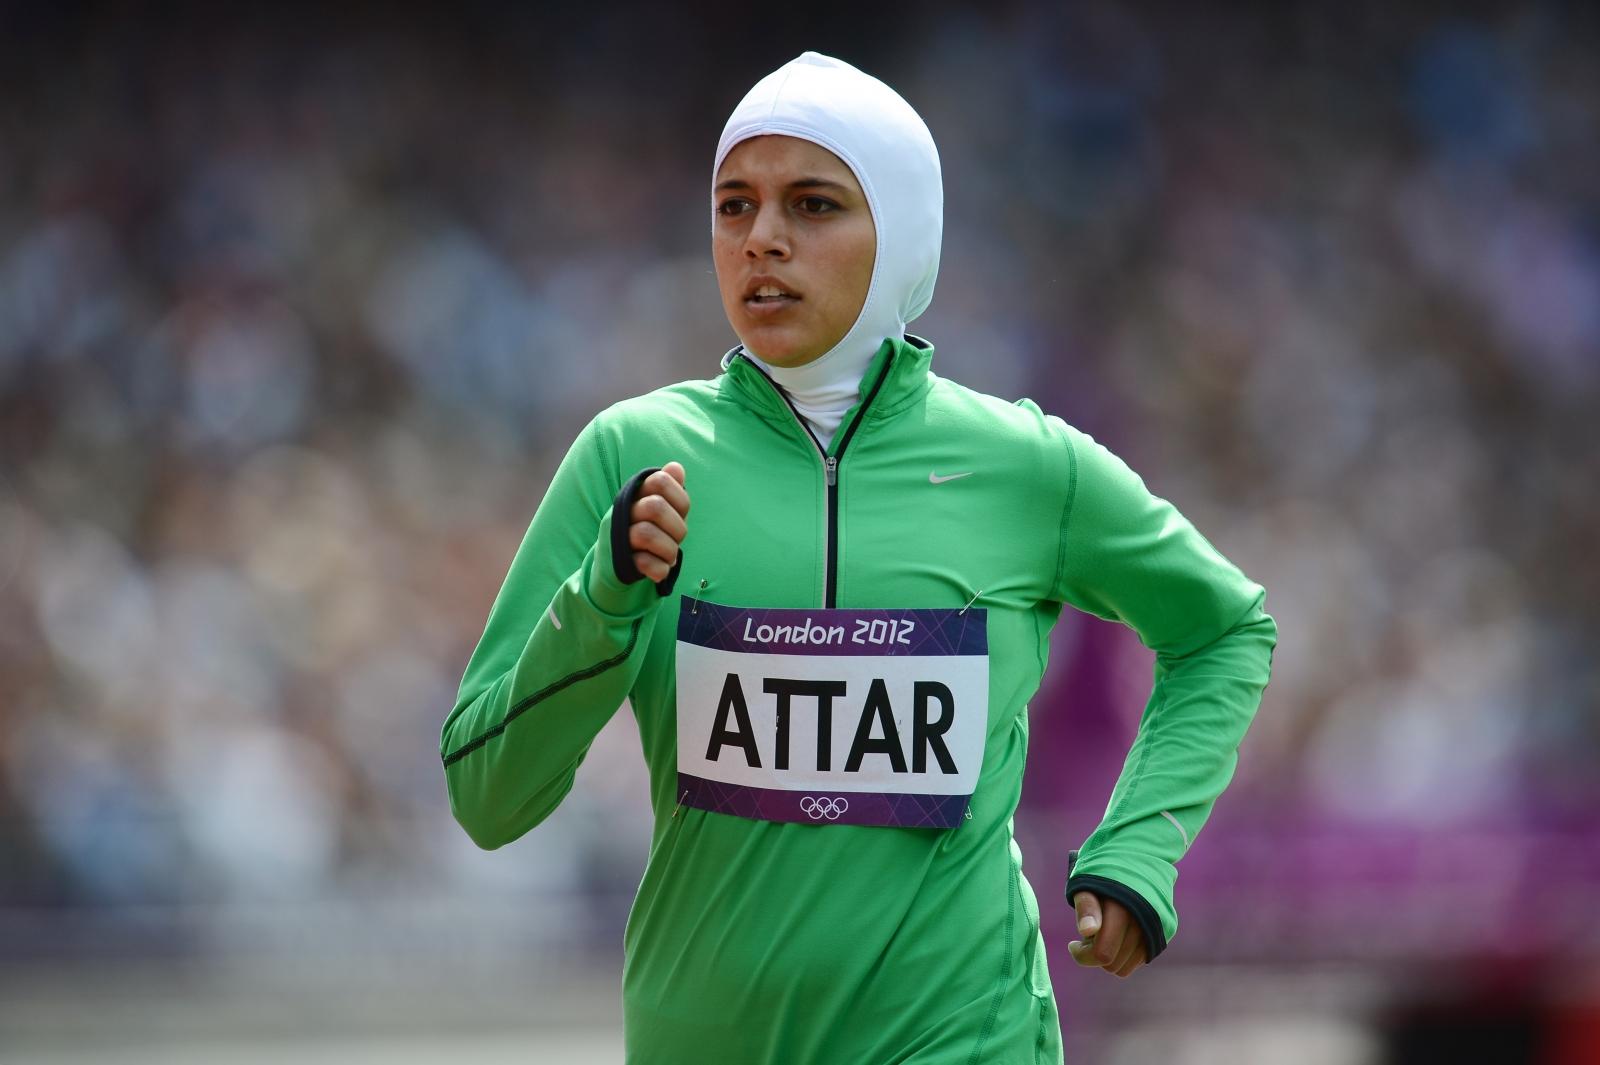 Sarah Attar